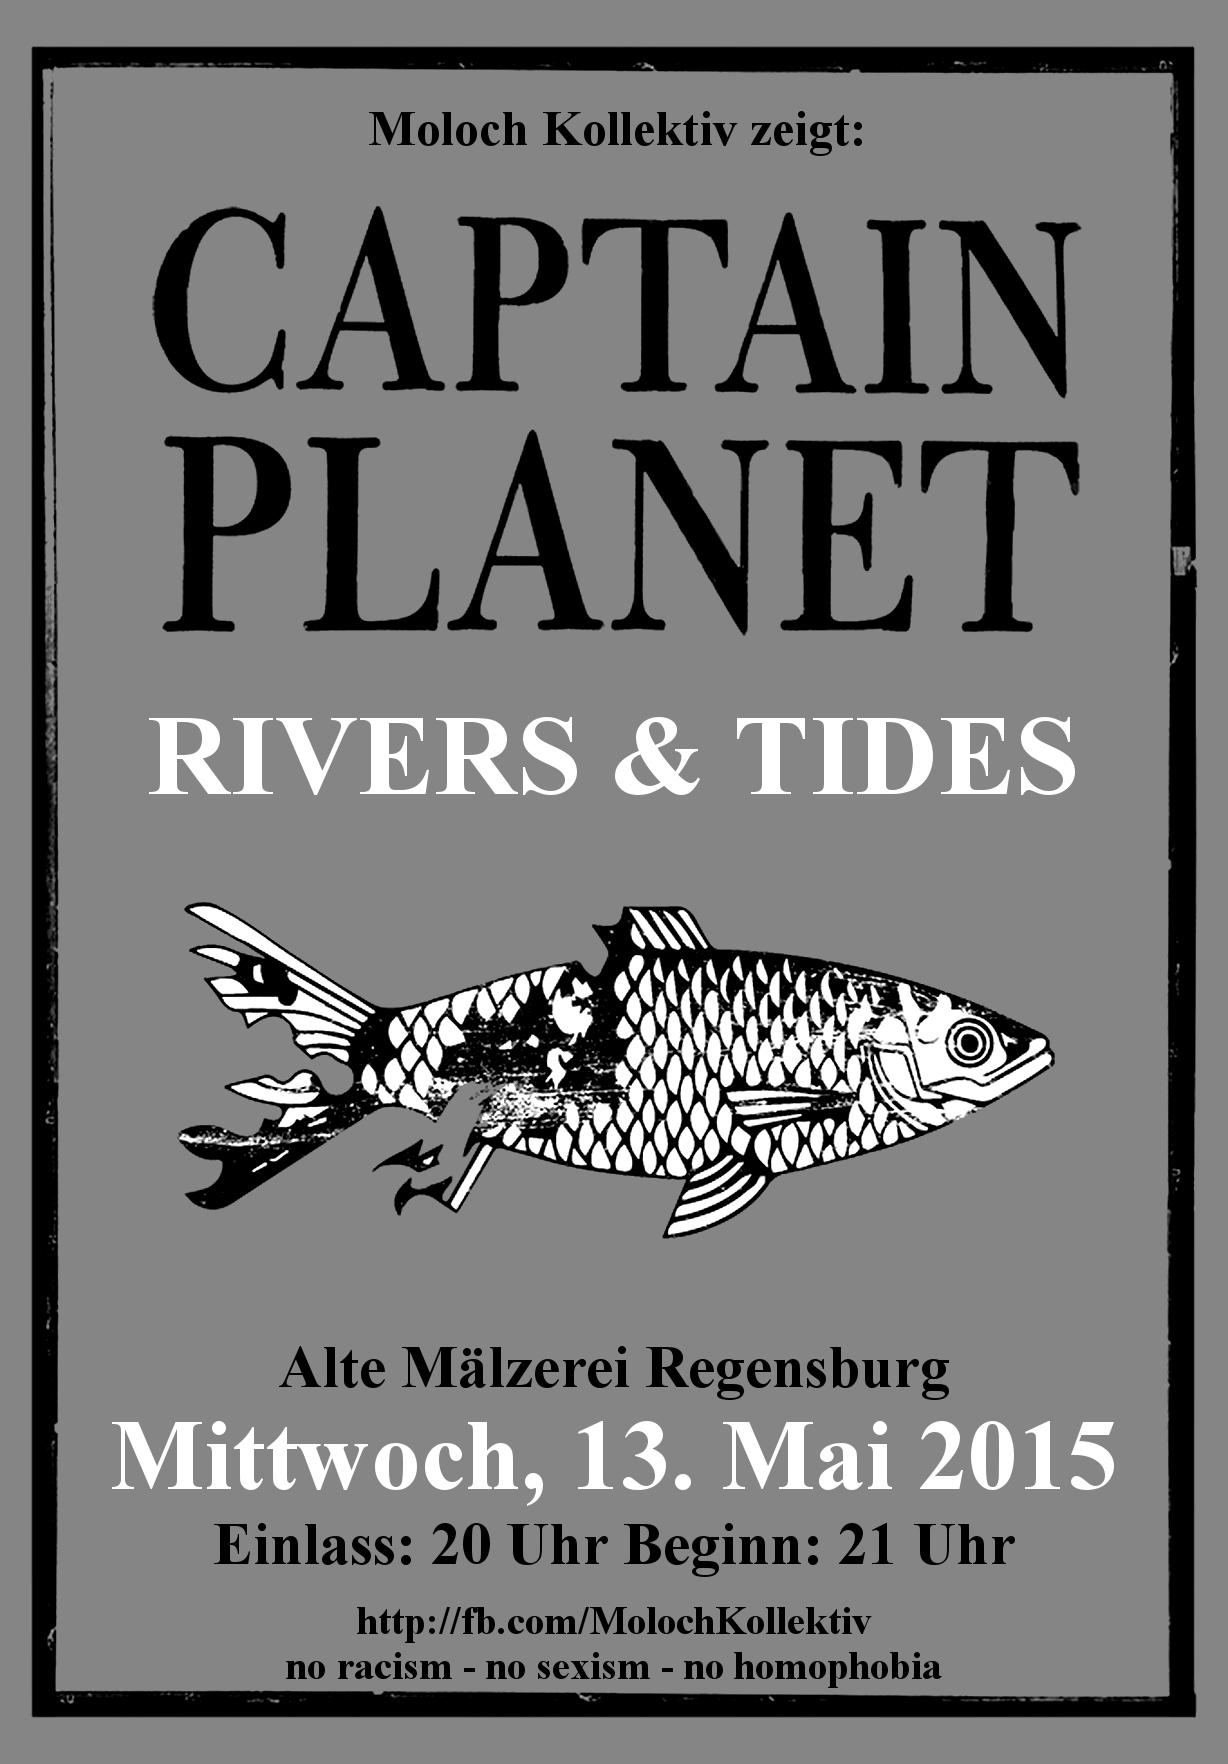 2015-05-13 Captain Planet + Rivers & Tides